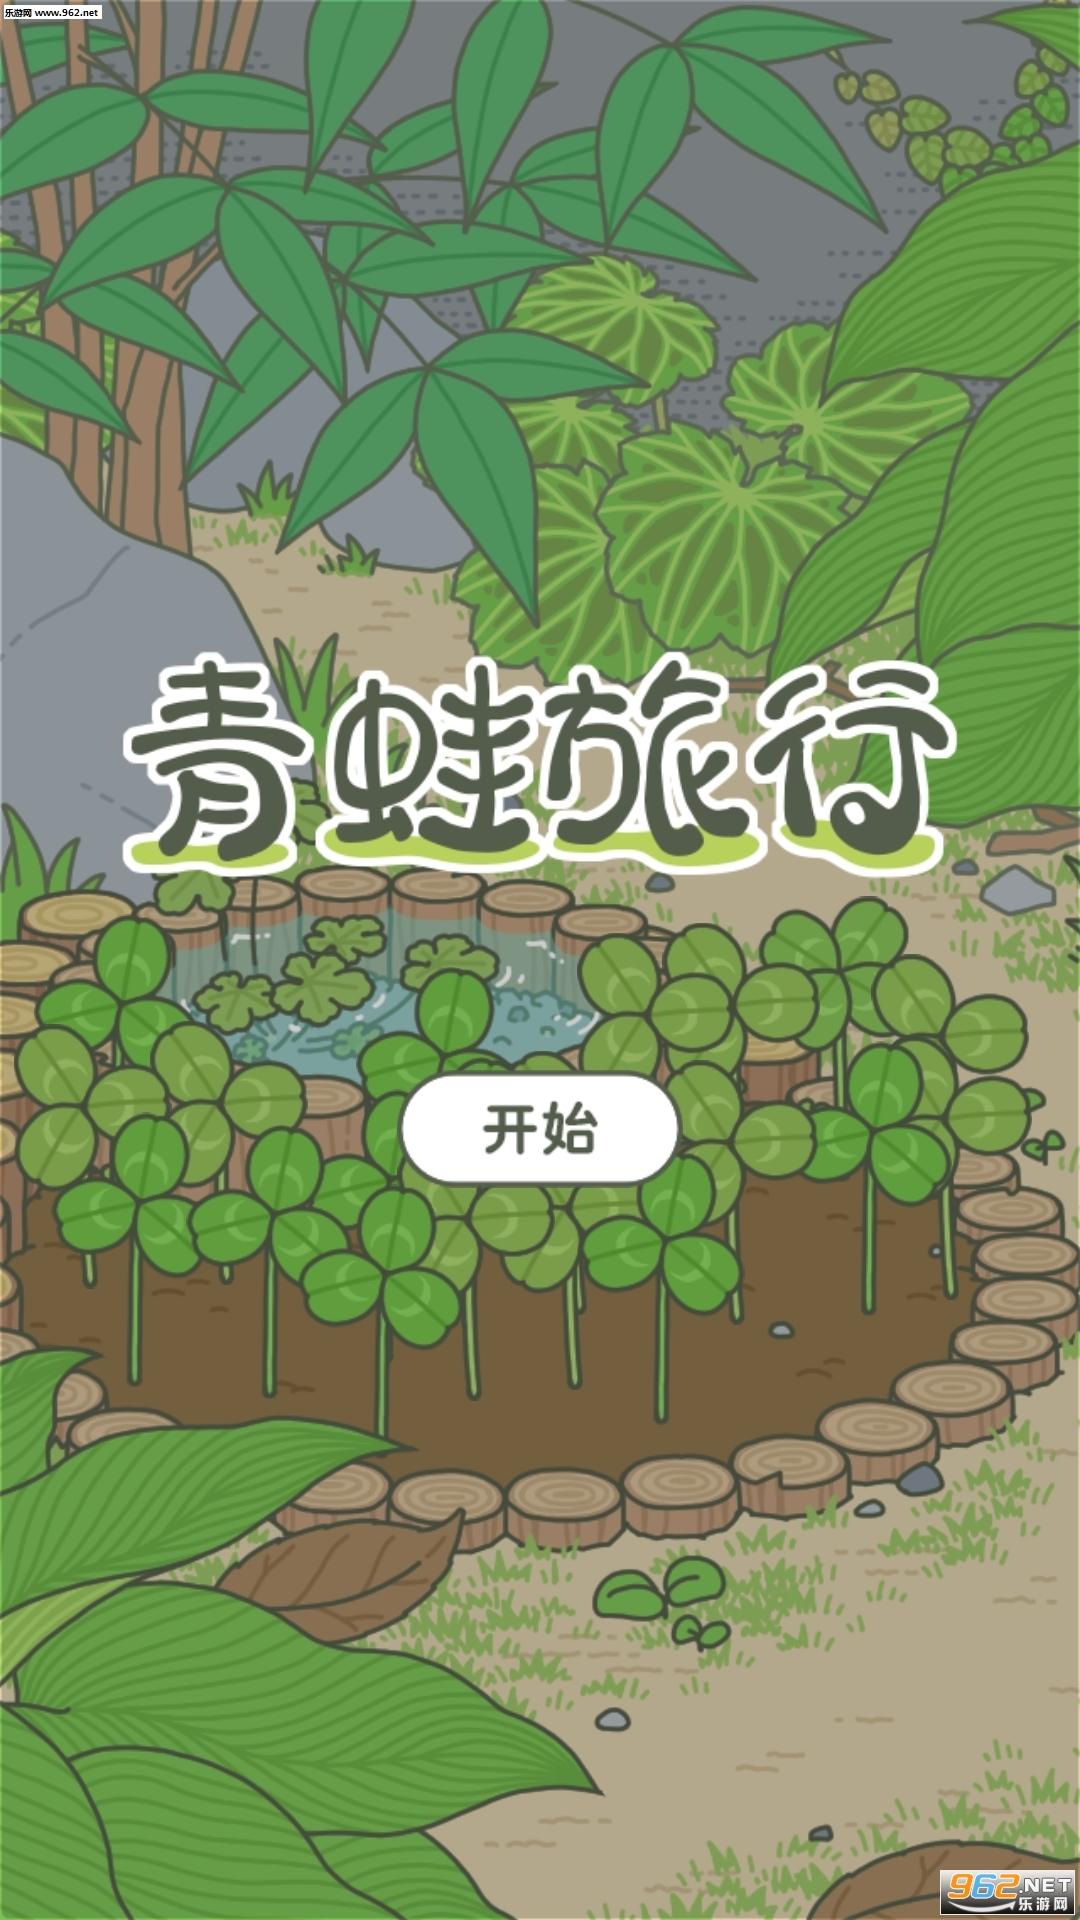 旅行的蛙汉化版 旅行蛙中文破解版手谈【下载怎么把2张图完美斜接的ps攻略图片